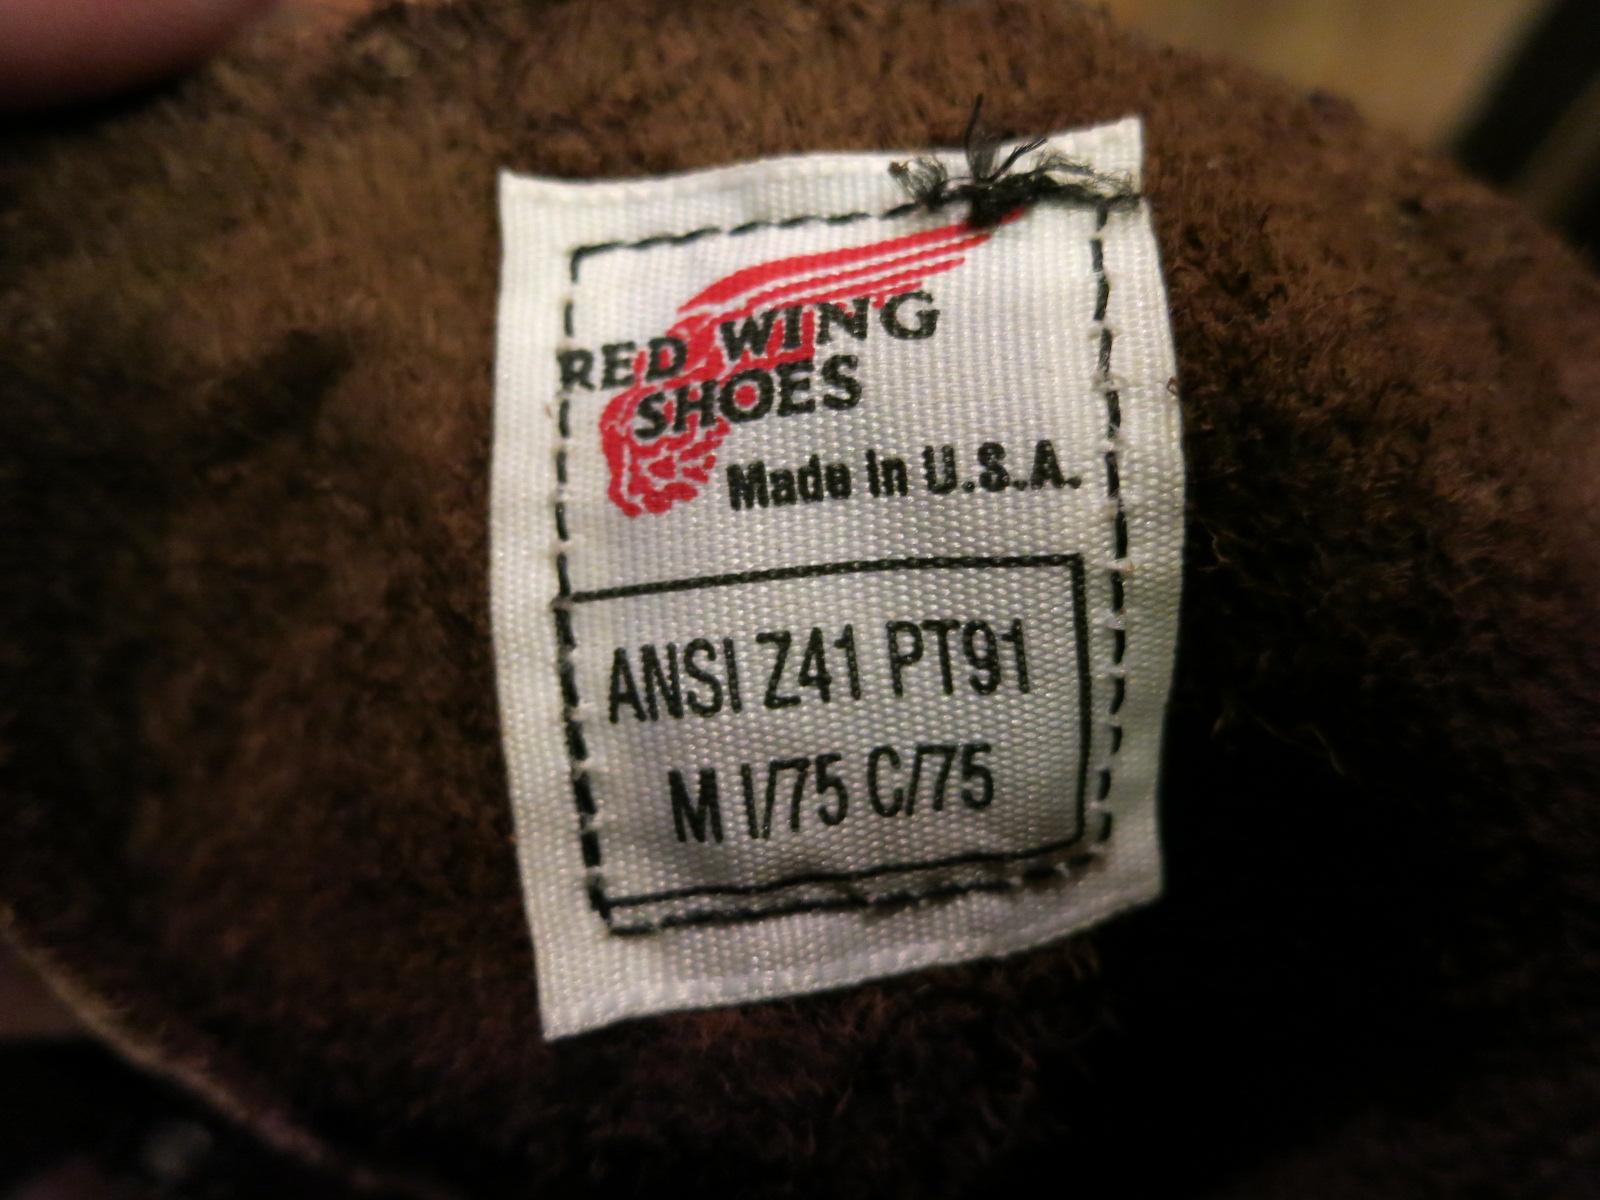 本日入荷!90年代 レッドウィング REDWING  BOOTS  2248 PT91 入荷!_c0144020_13545767.jpg